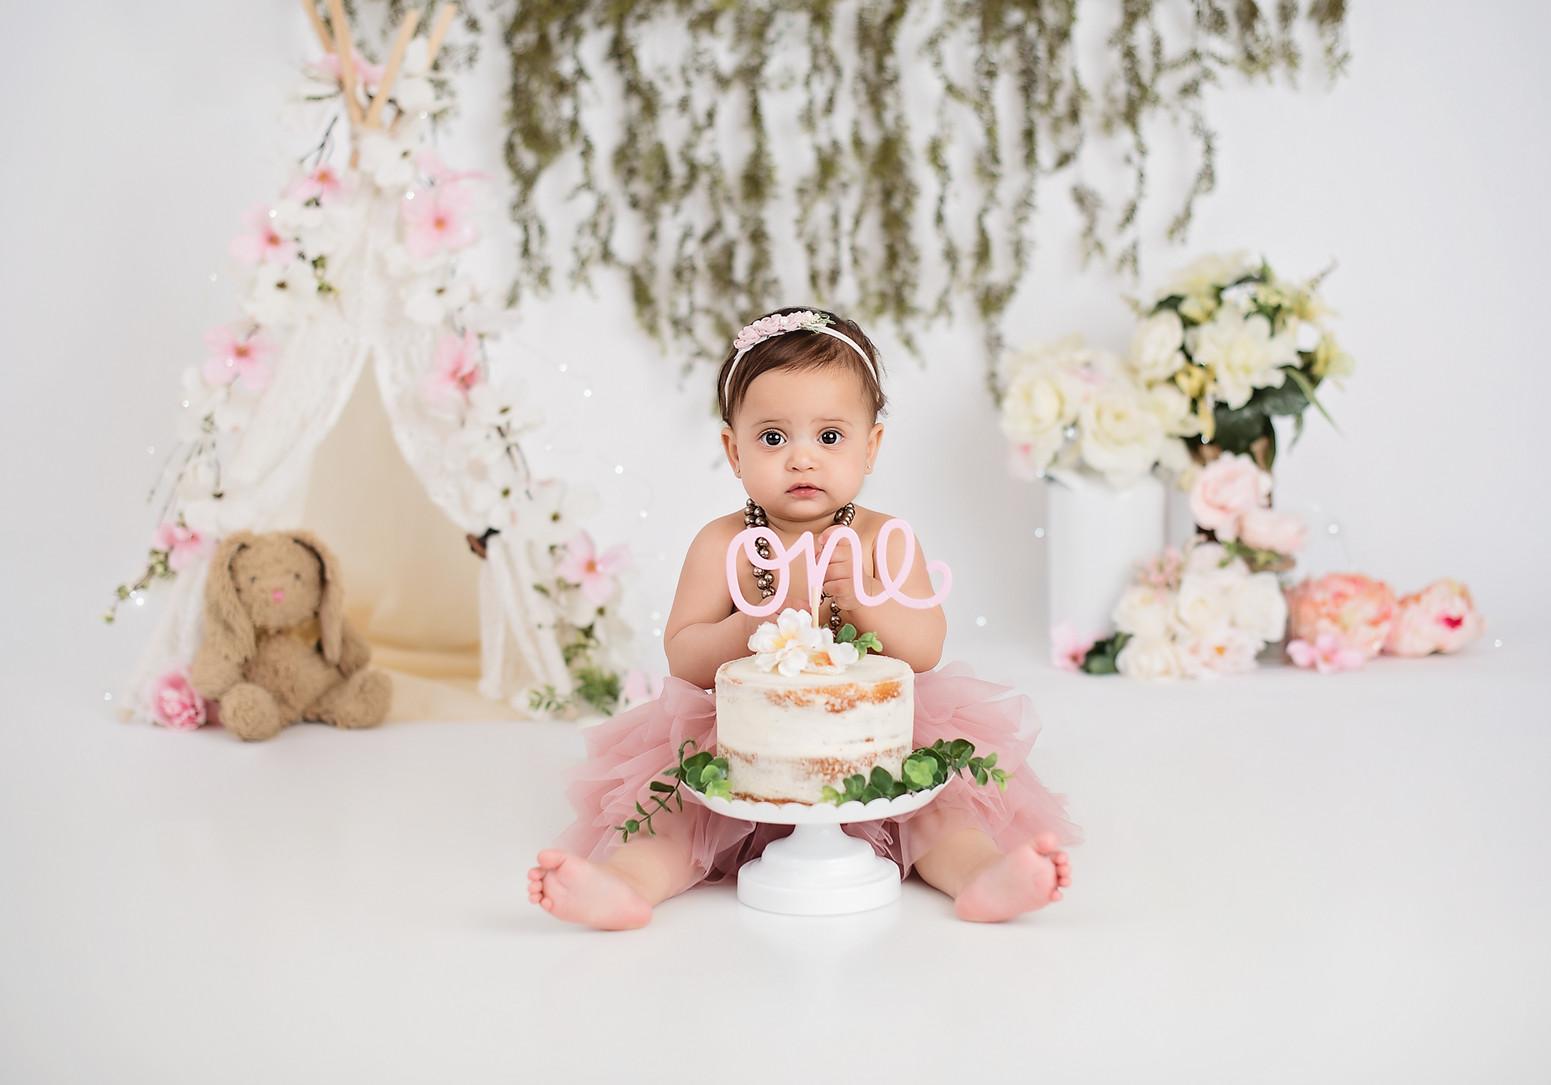 cake smash photo shoot indianapolis Tati